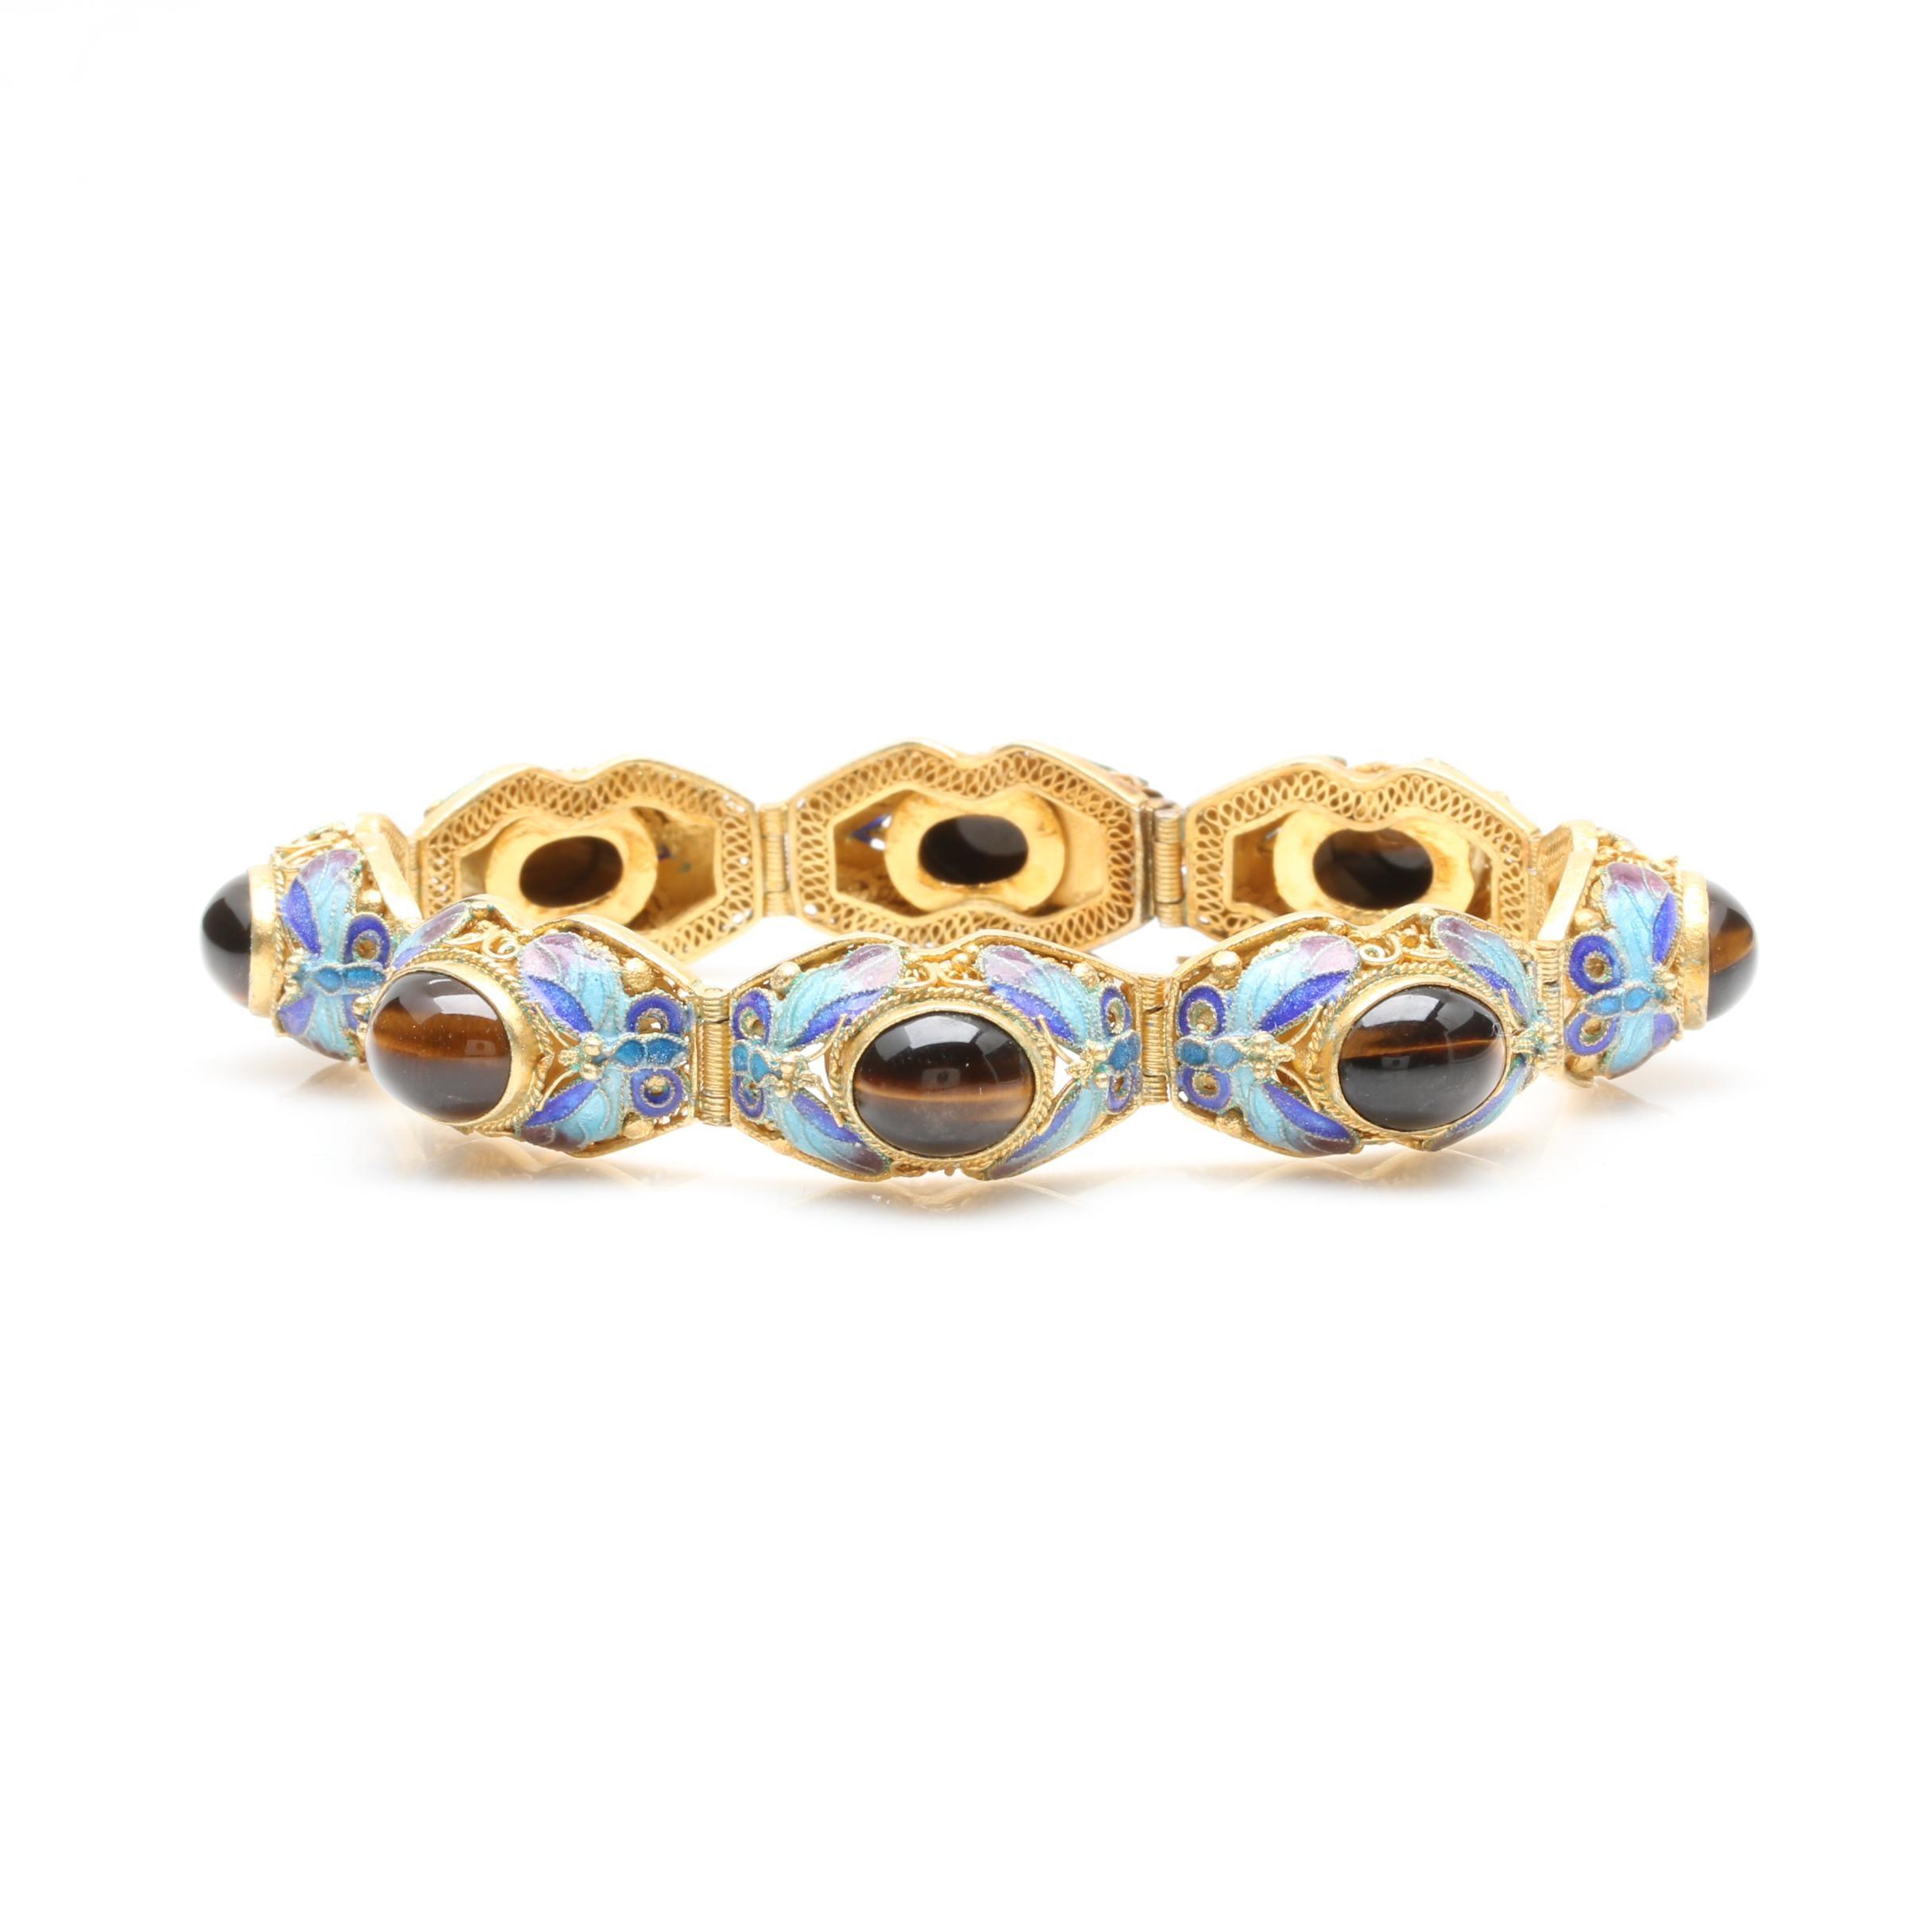 Vintage Chinese Gold Wash on Sterling Silver Tiger's Eye Enameled Bracelet